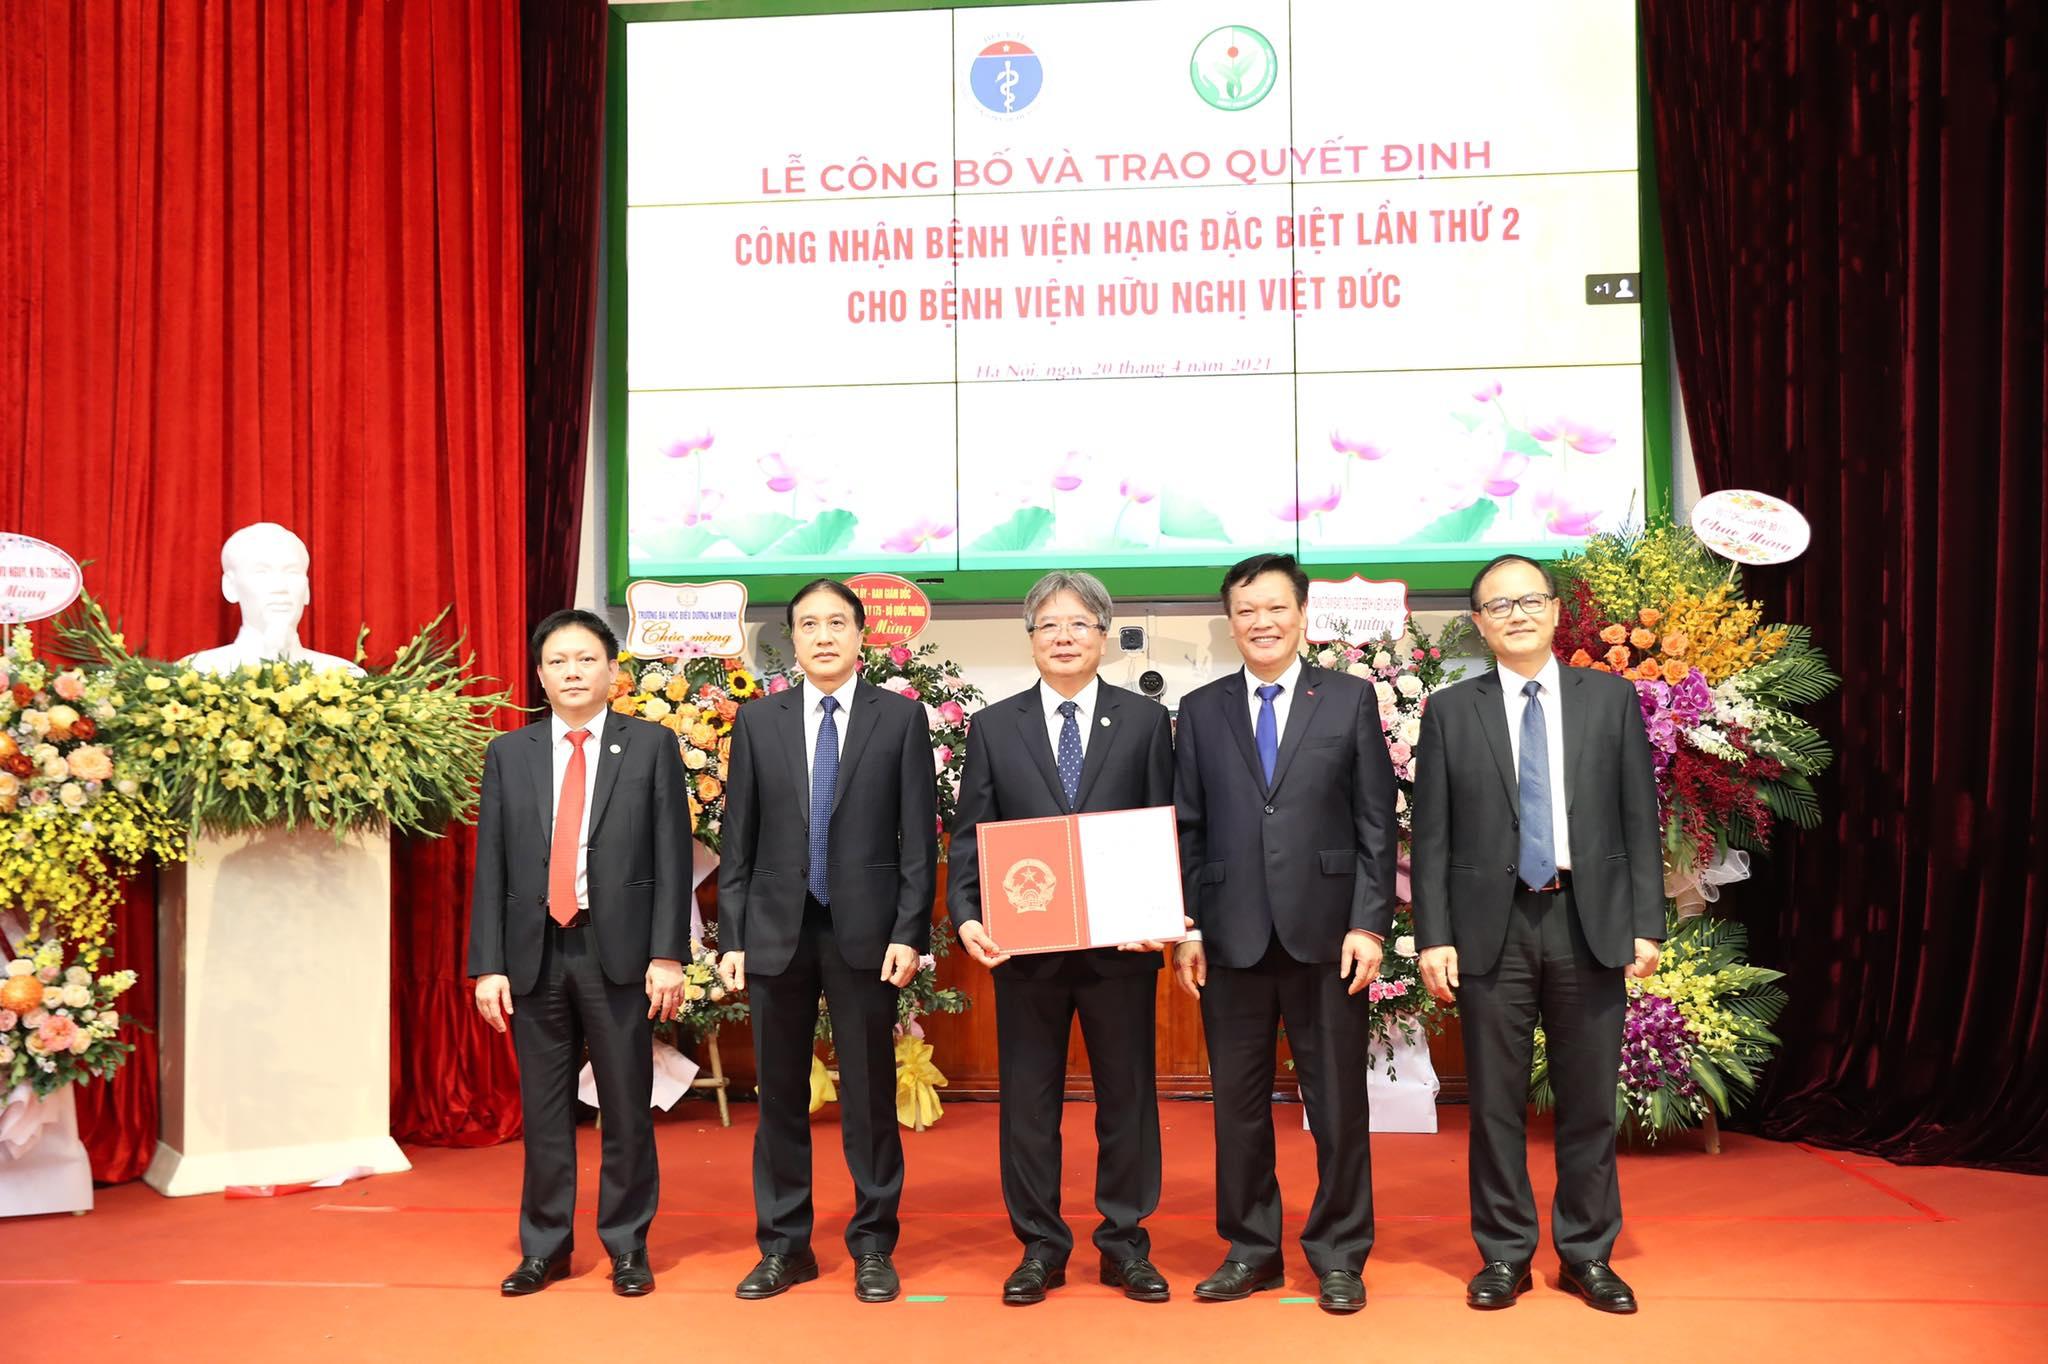 Hiệp hội Phẫu thuật Hoàng gia Anh công nhận Bệnh viện Việt Đức là Trung tâm đào tạo chuẩn toàn cầu -0